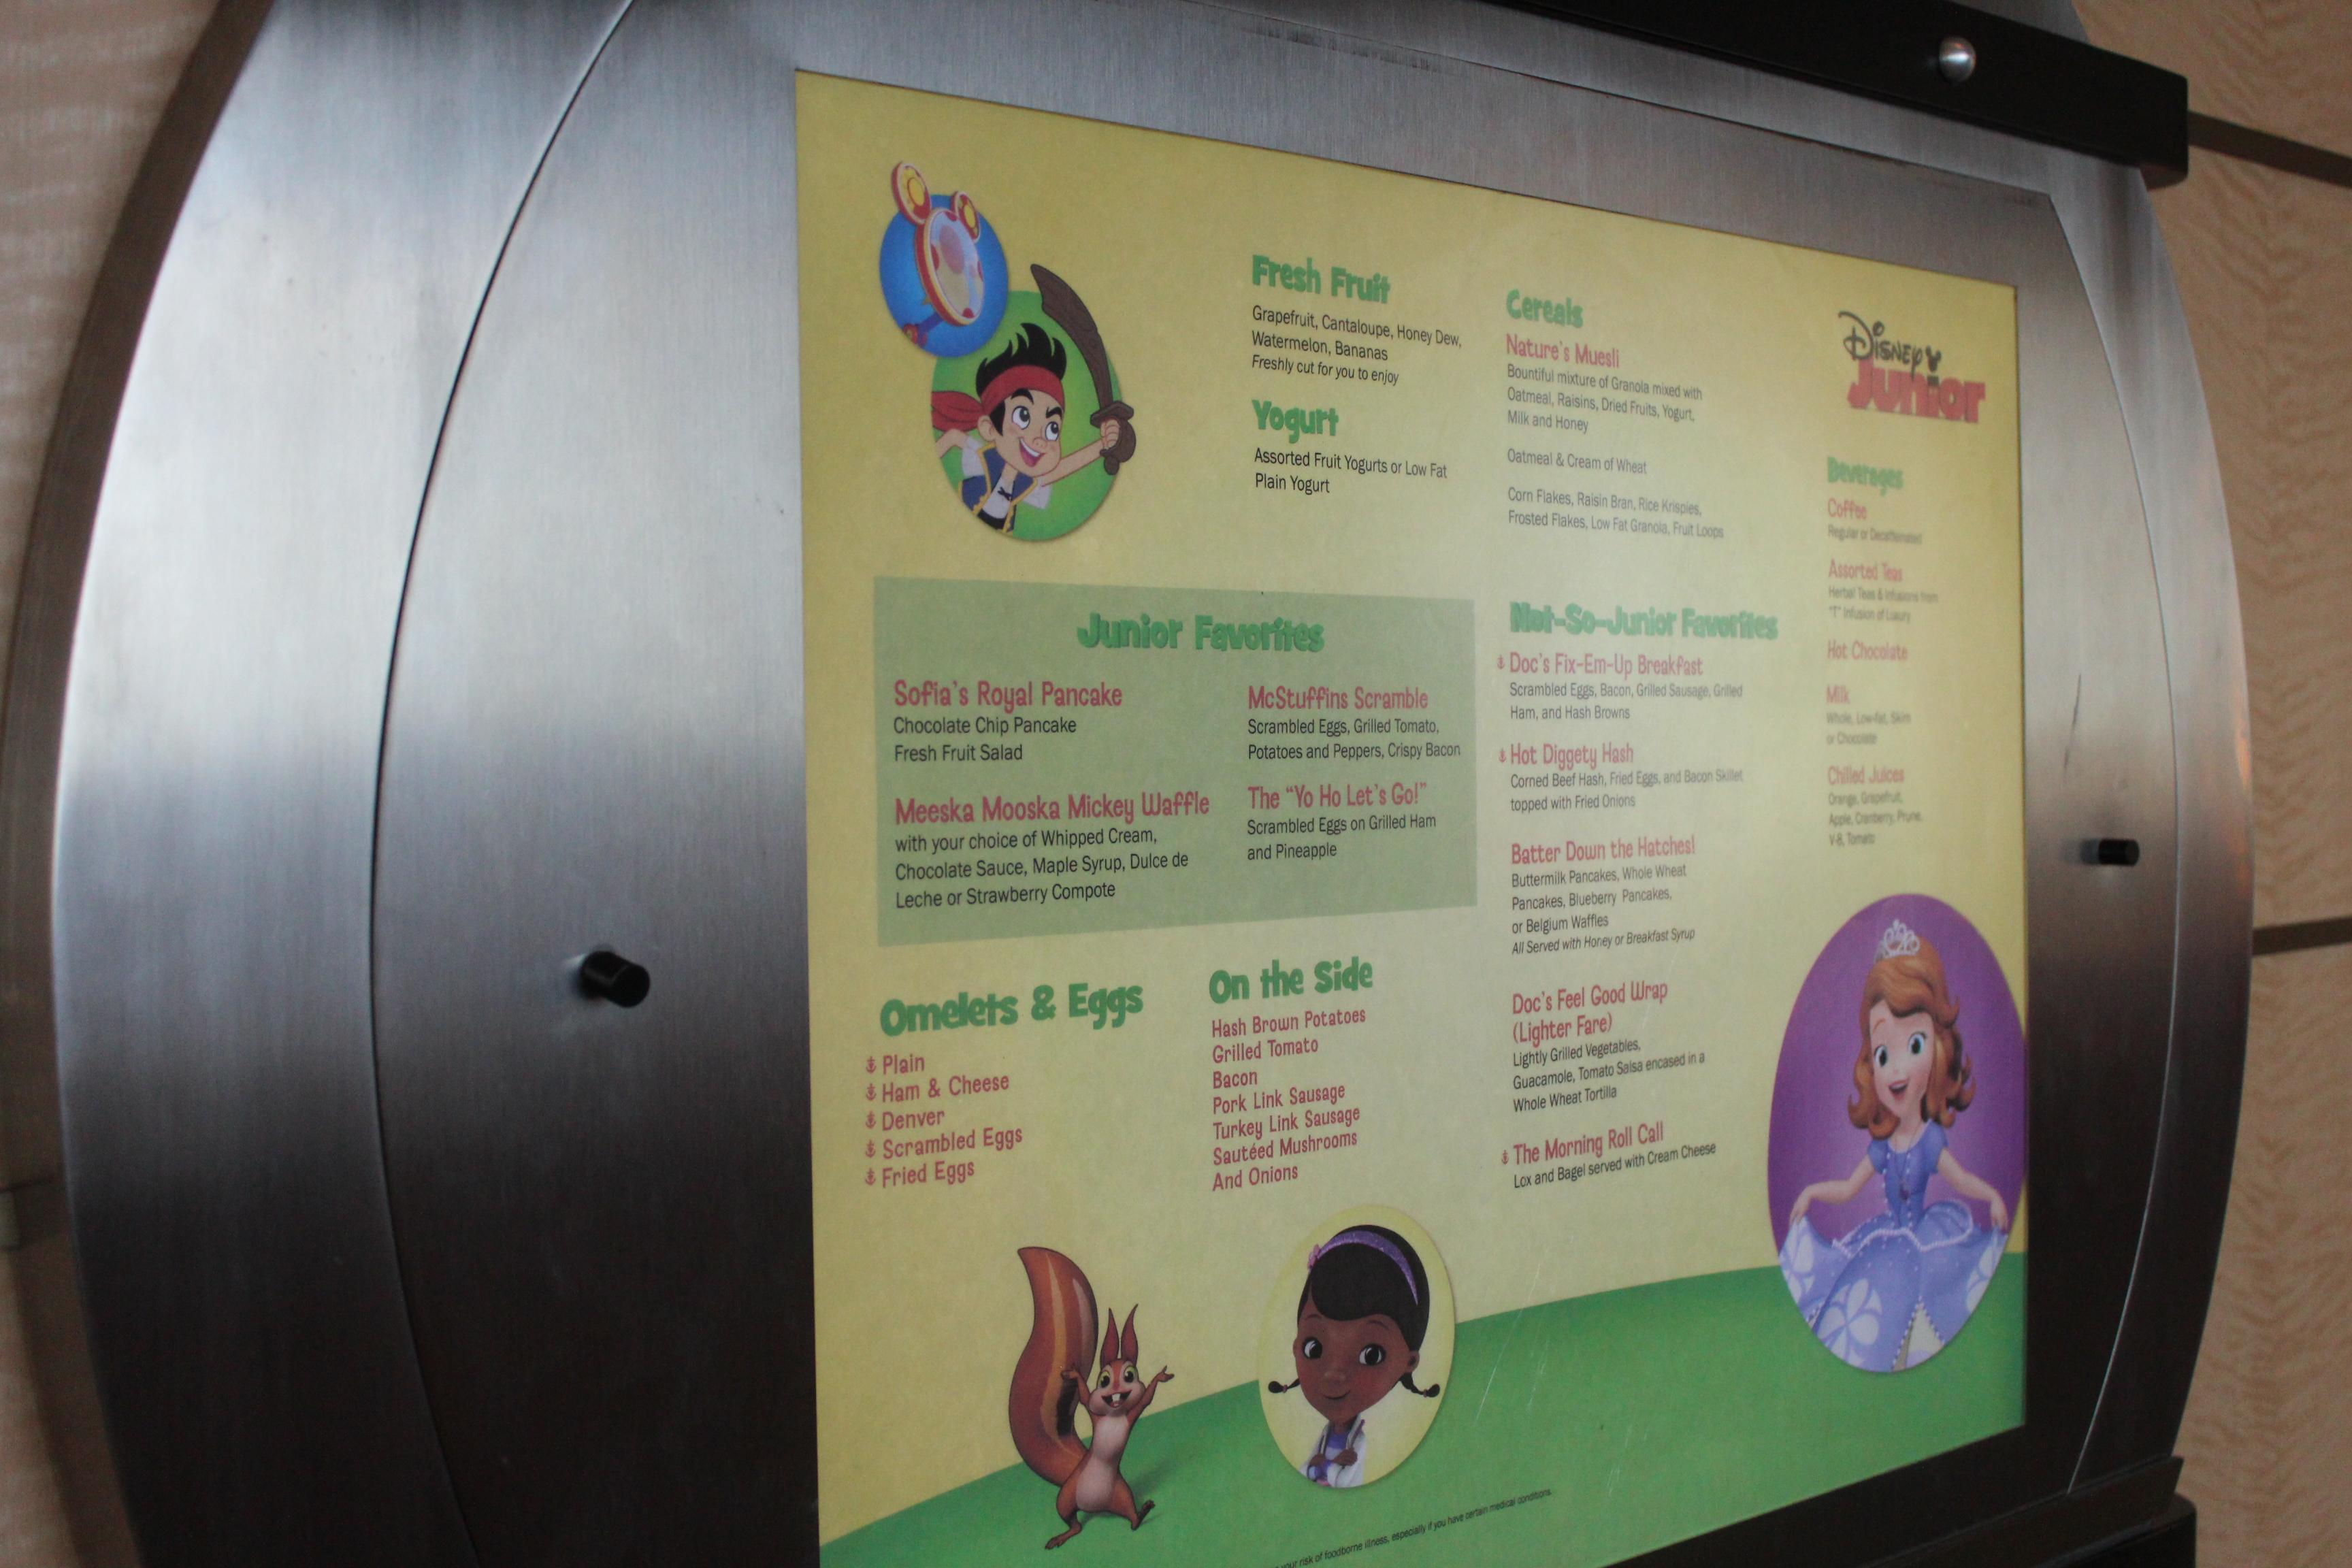 dj-breakfast-menu2